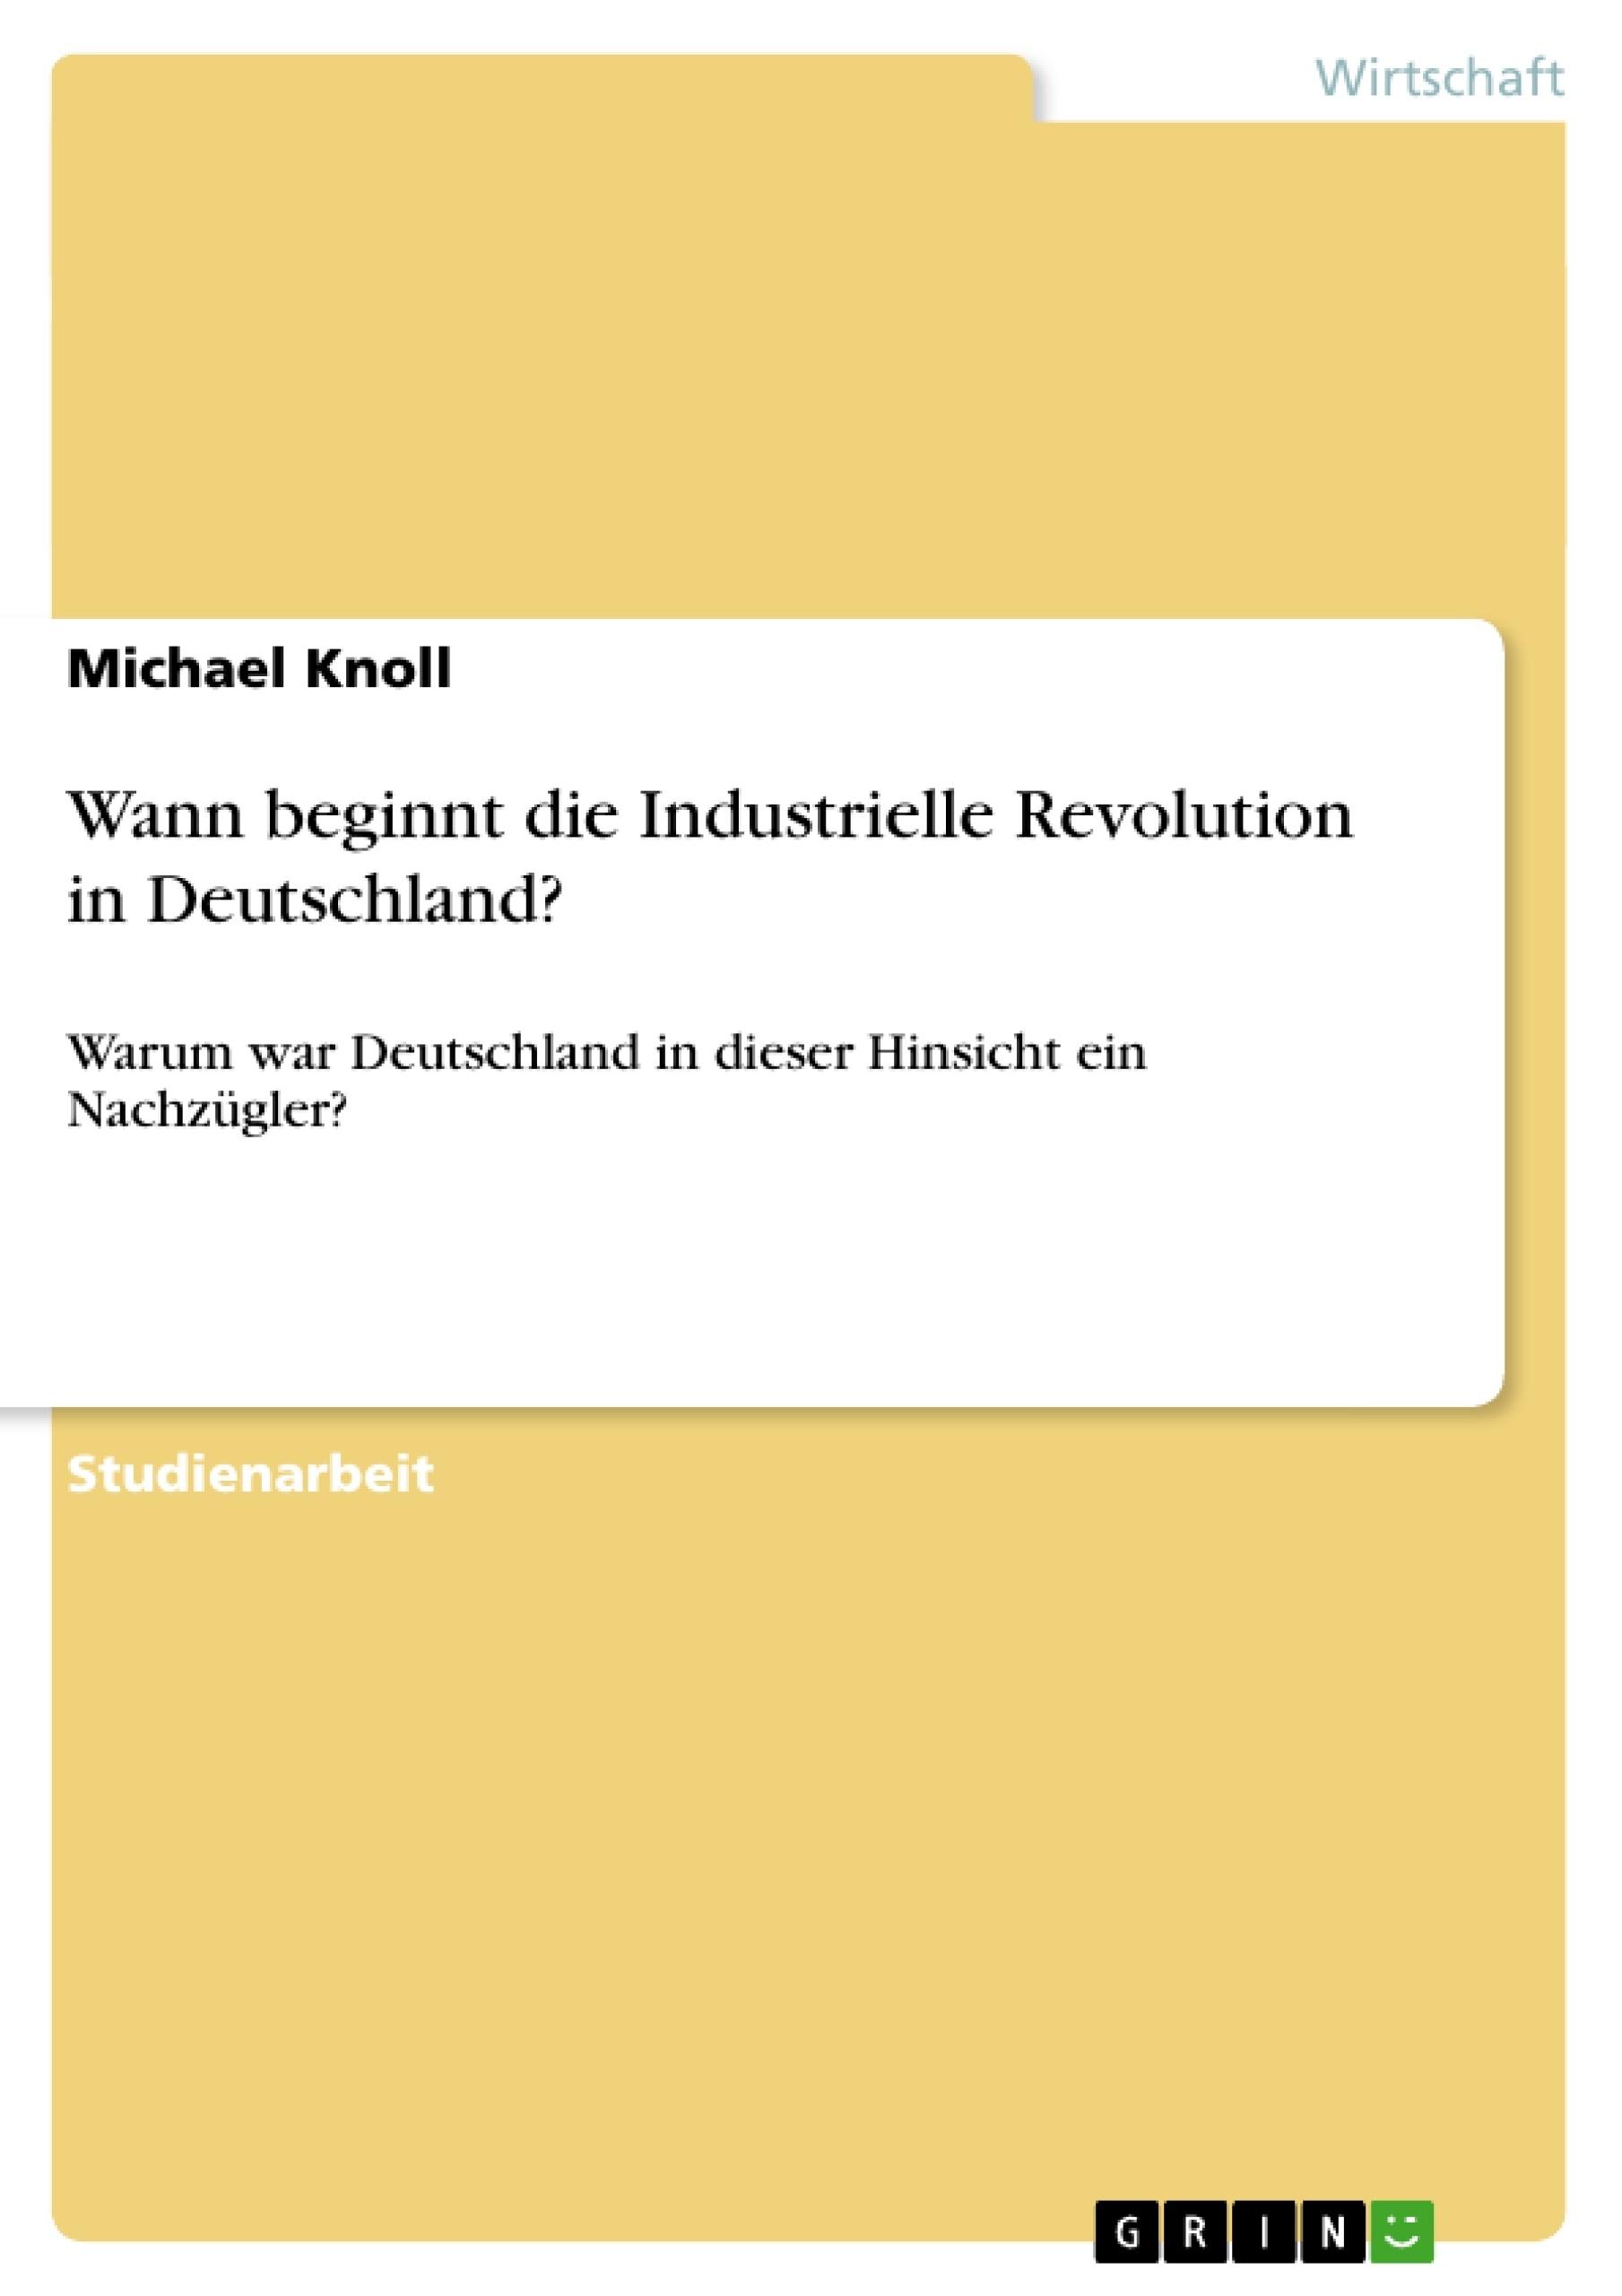 Titel: Wann beginnt die Industrielle Revolution in Deutschland?